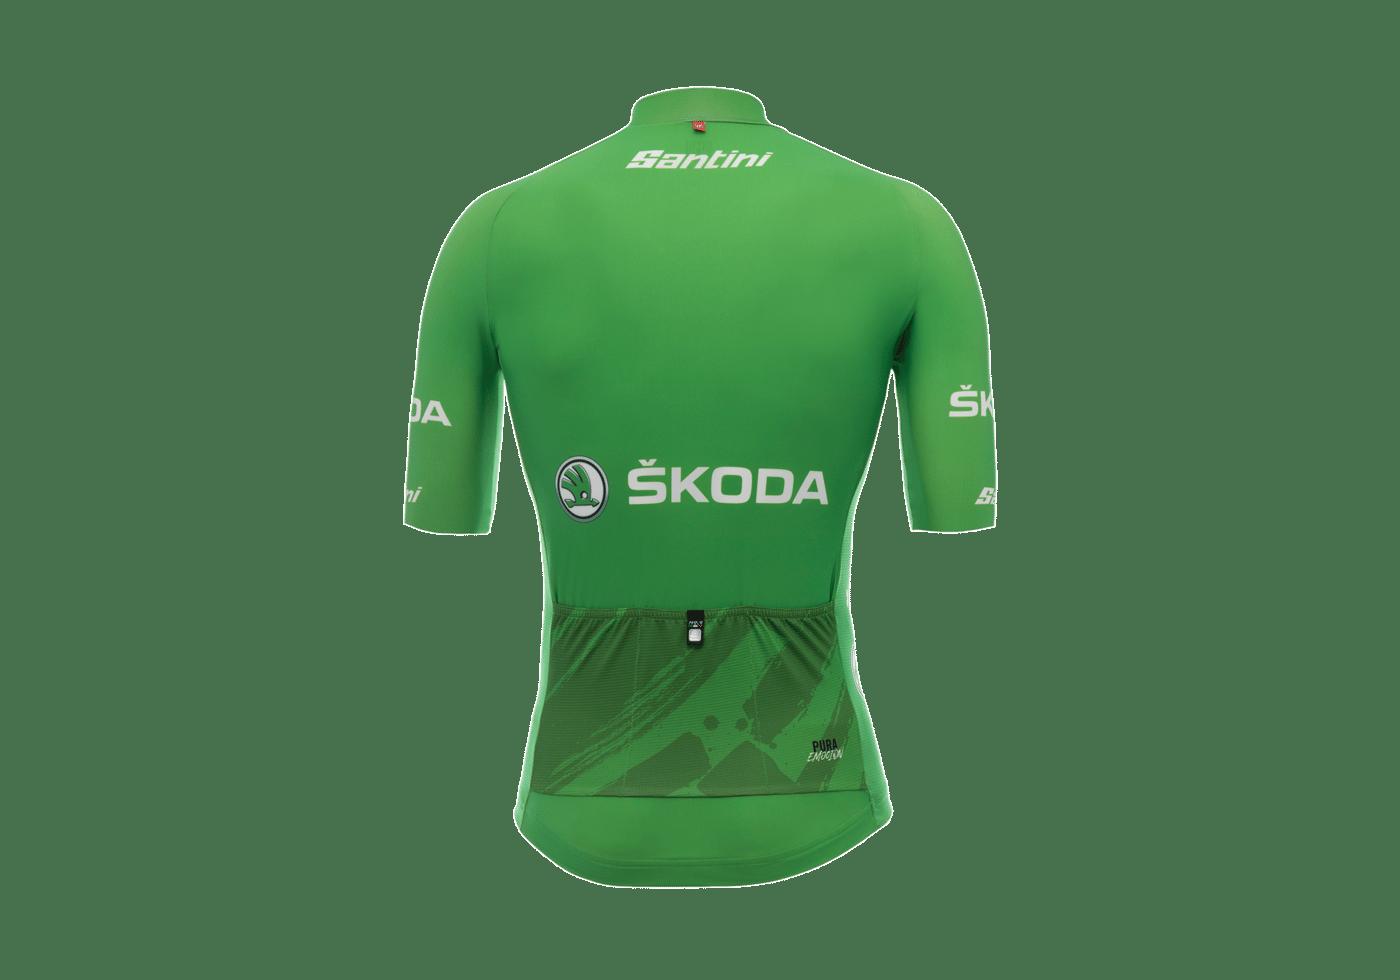 Maillot Verde La Vuelta 2017 II